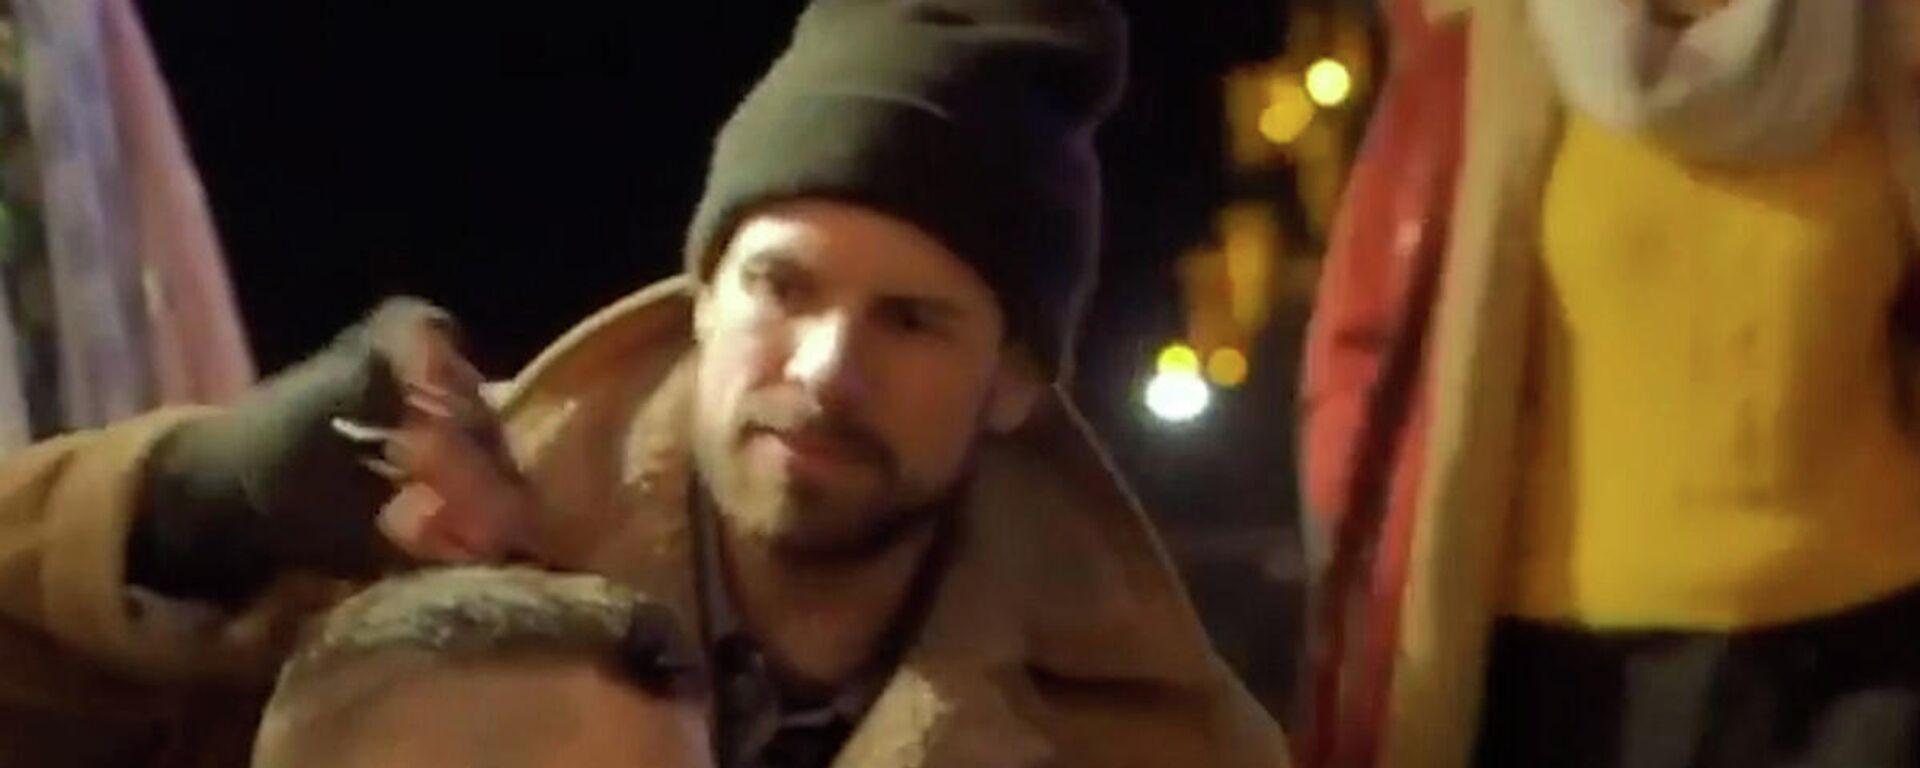 Κάνε κάτι χωρίς αντάλλαγμα: Βρετανός κομμωτής μεταμορφώνει άστεγους και χαρίζει χαμόγελα - Sputnik Ελλάδα, 1920, 21.09.2021